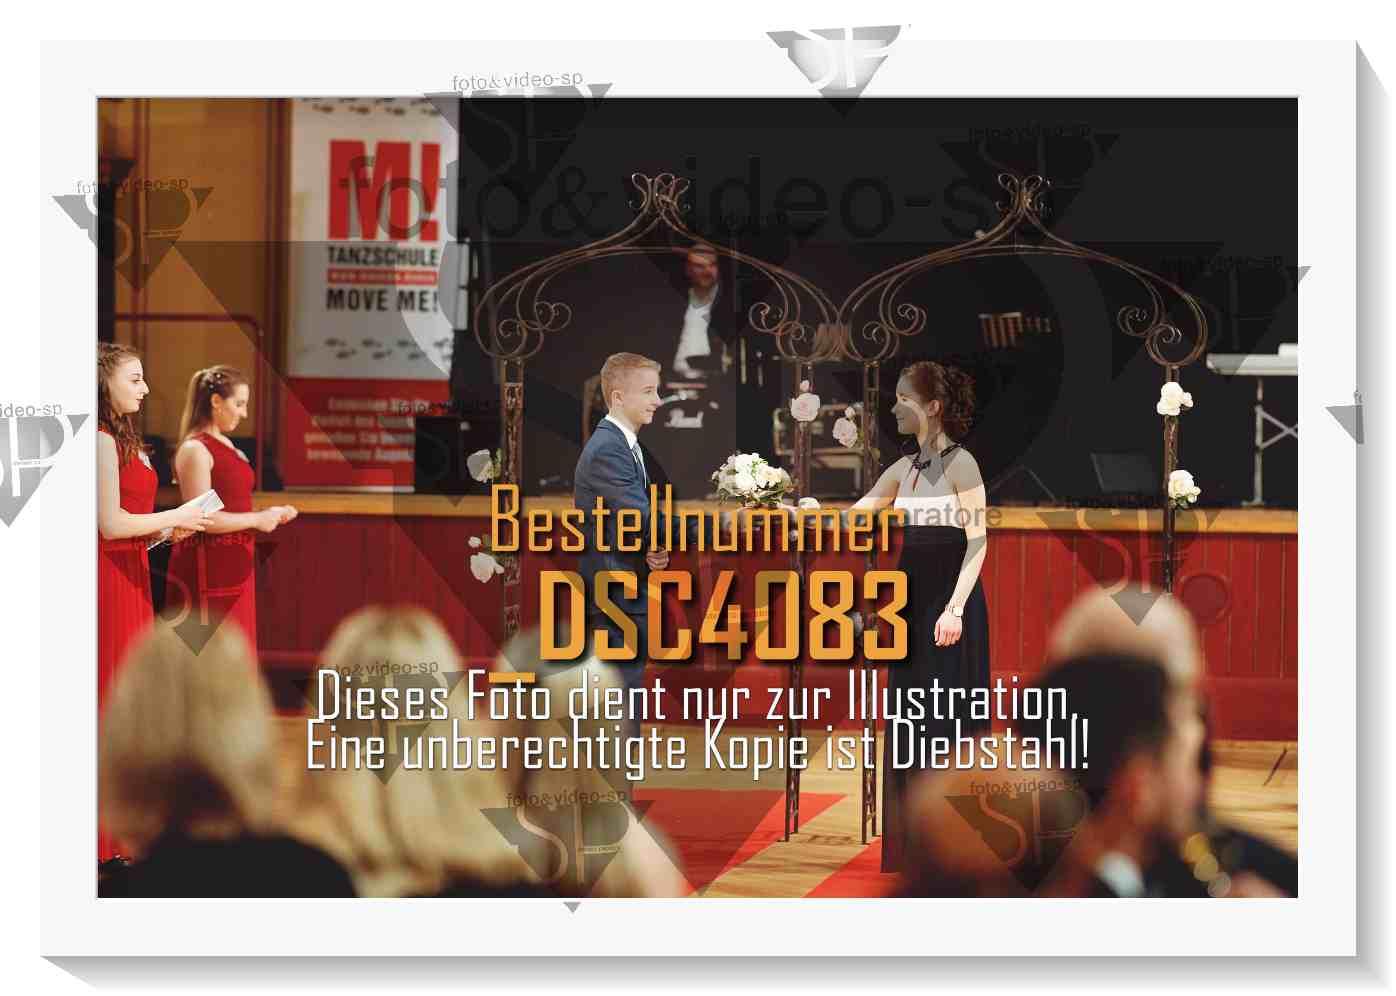 DSC4083